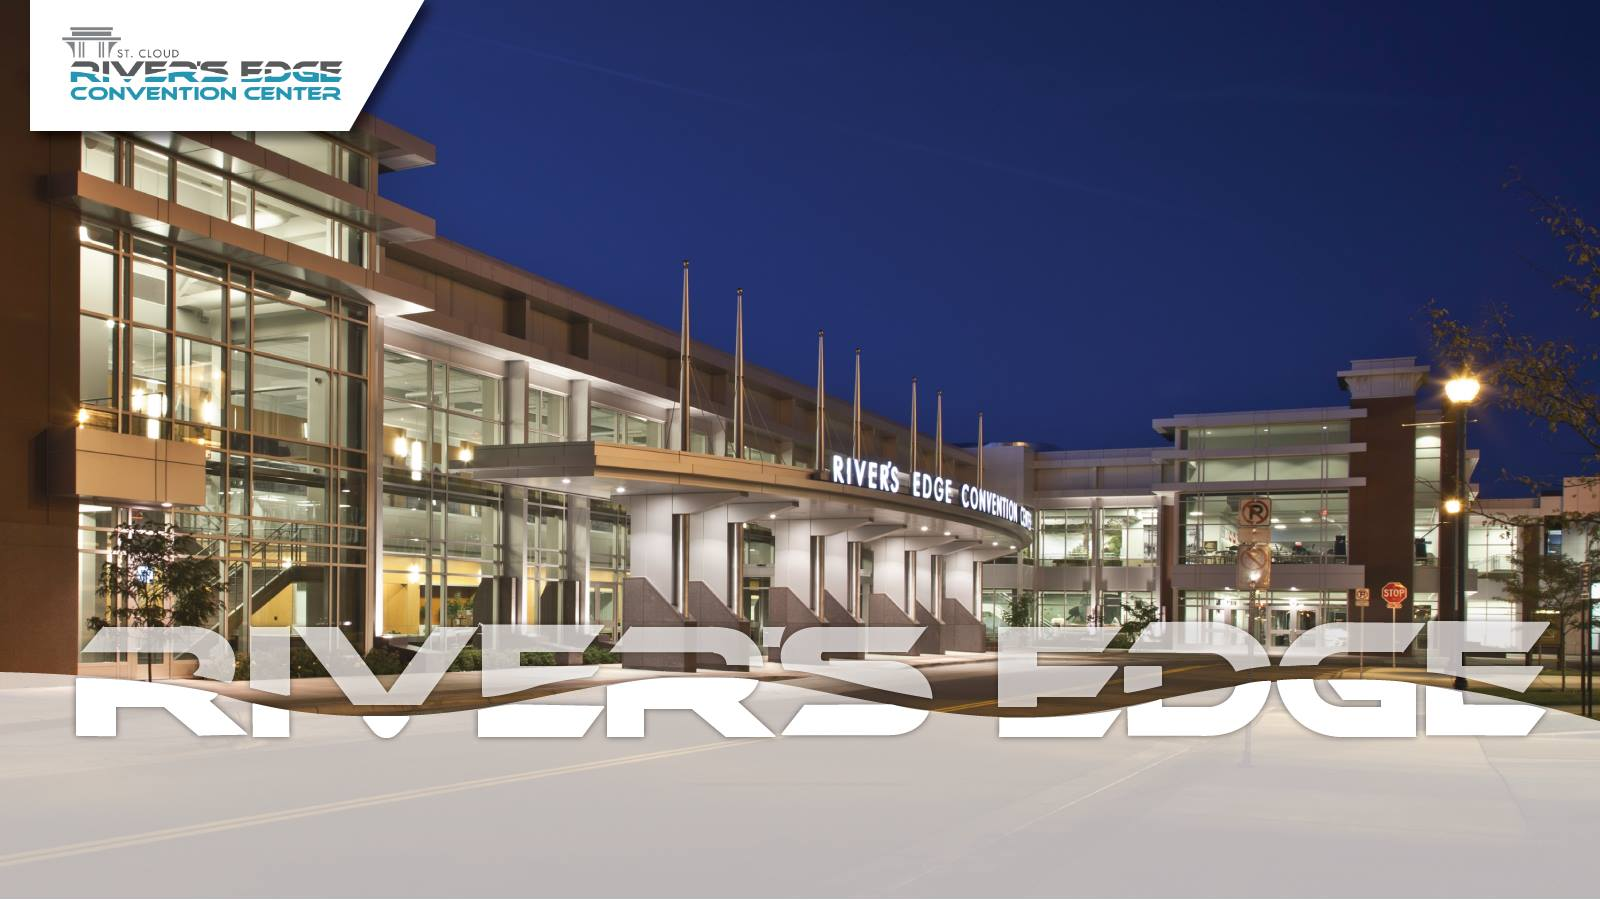 St. Cloud River's Edge Convention Center